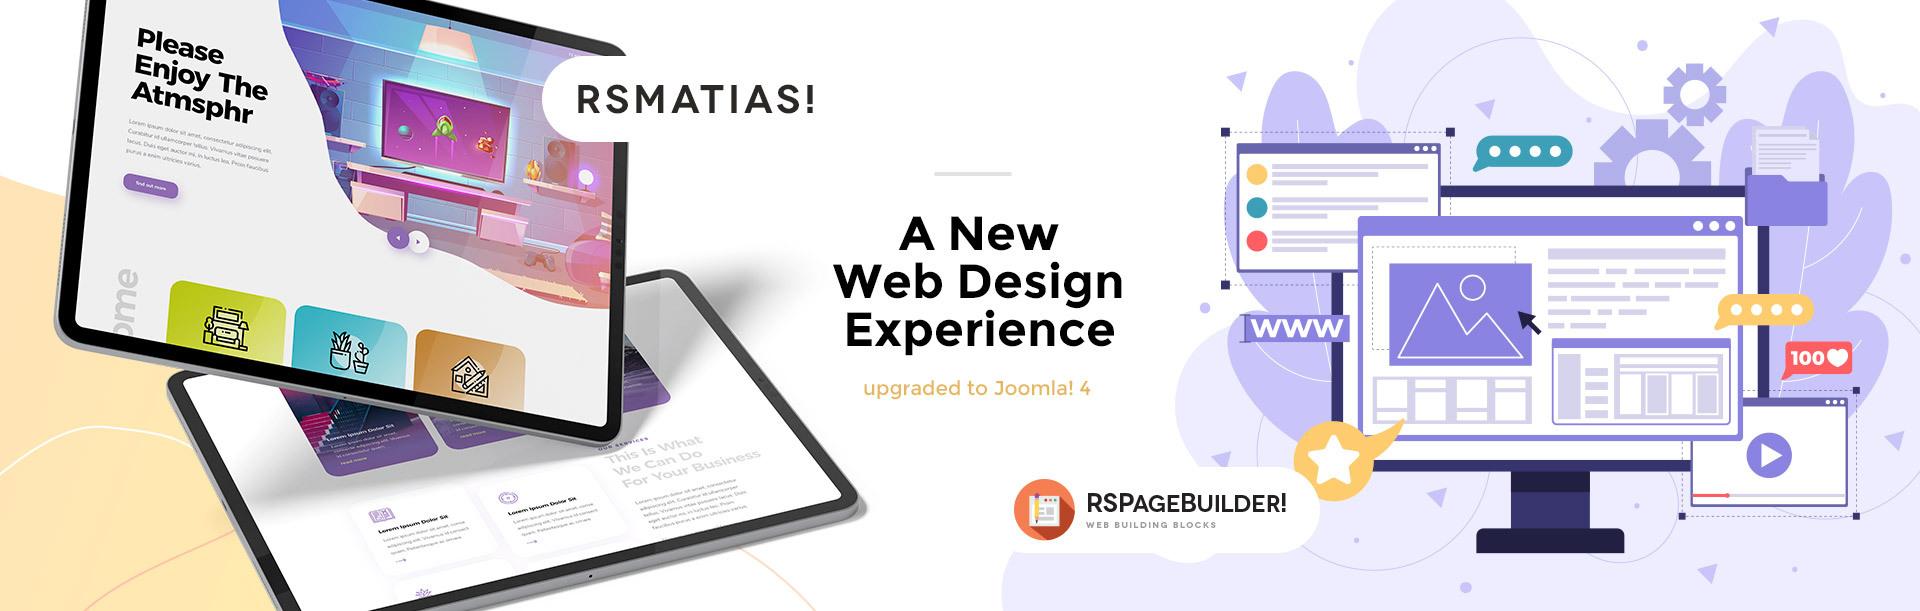 RSMatias release